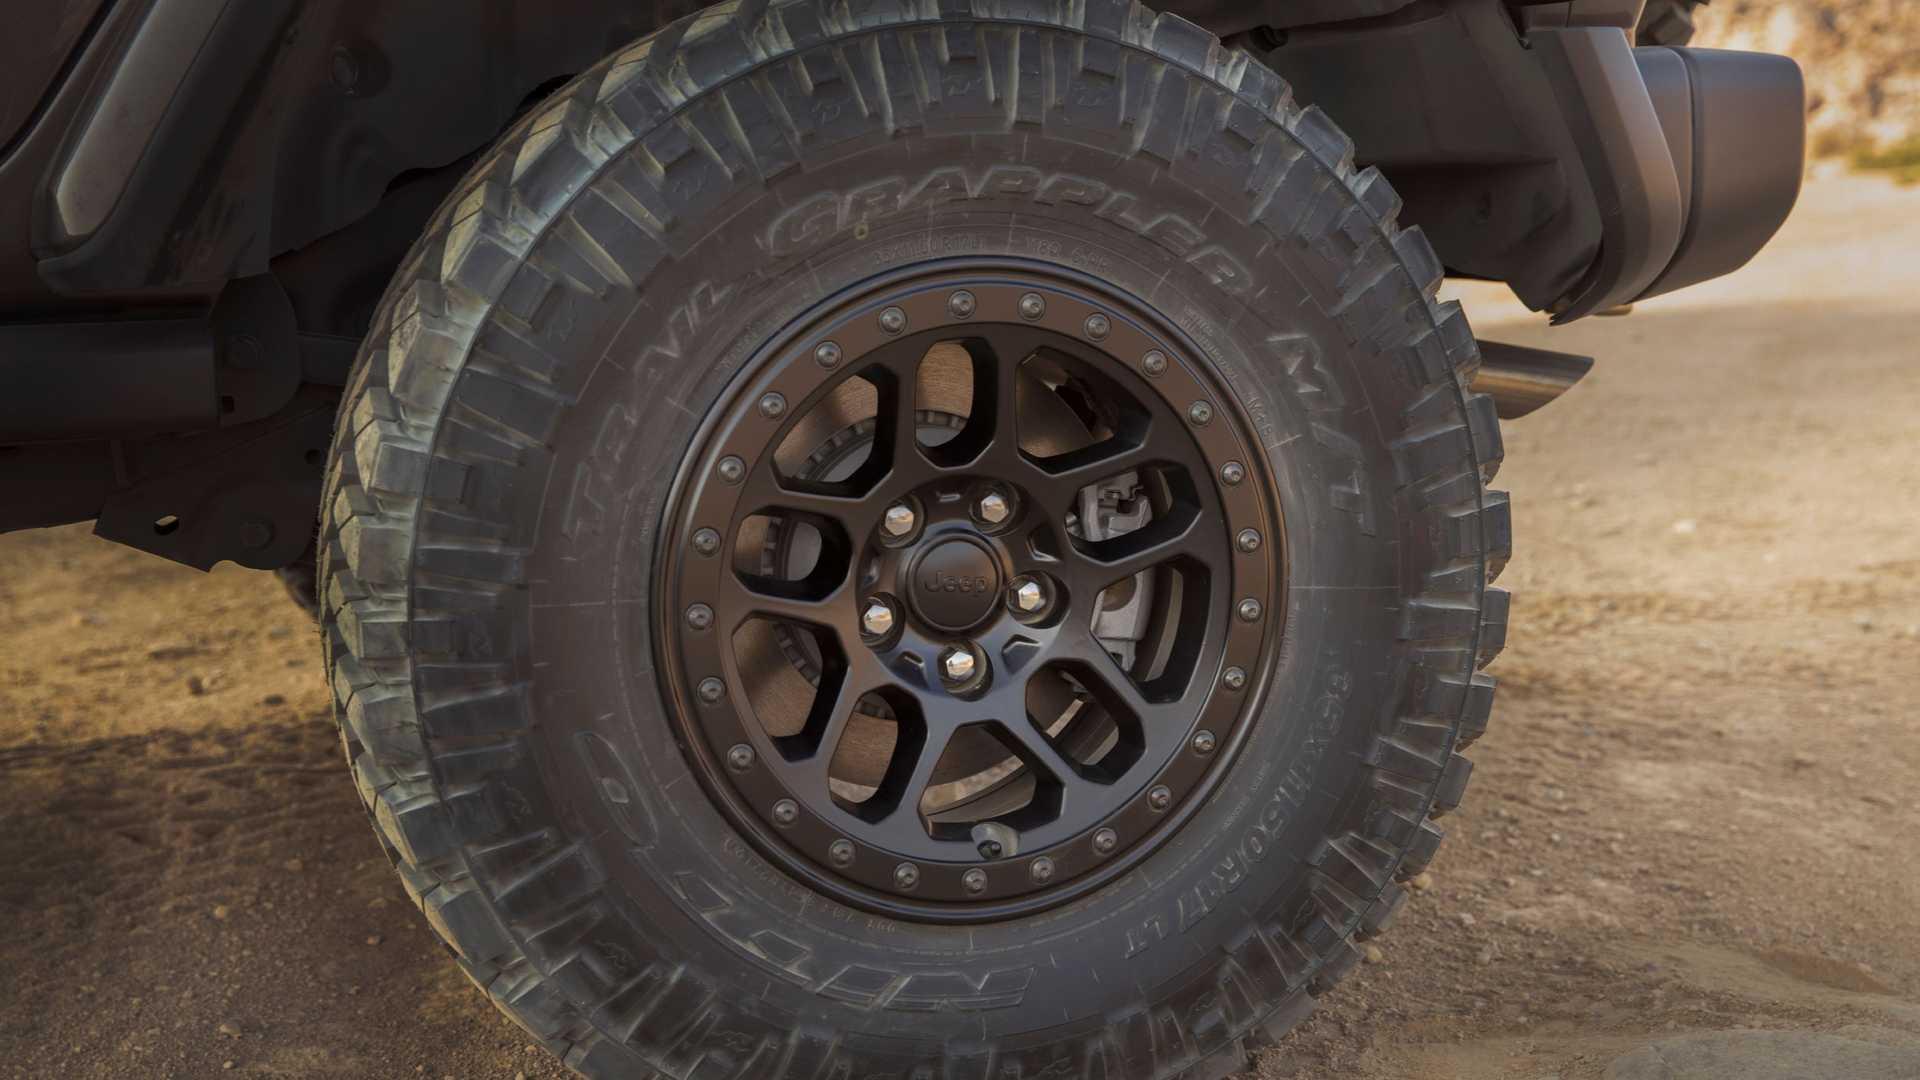 2021-jeep-wrangler-rubicon-392-wheel-2